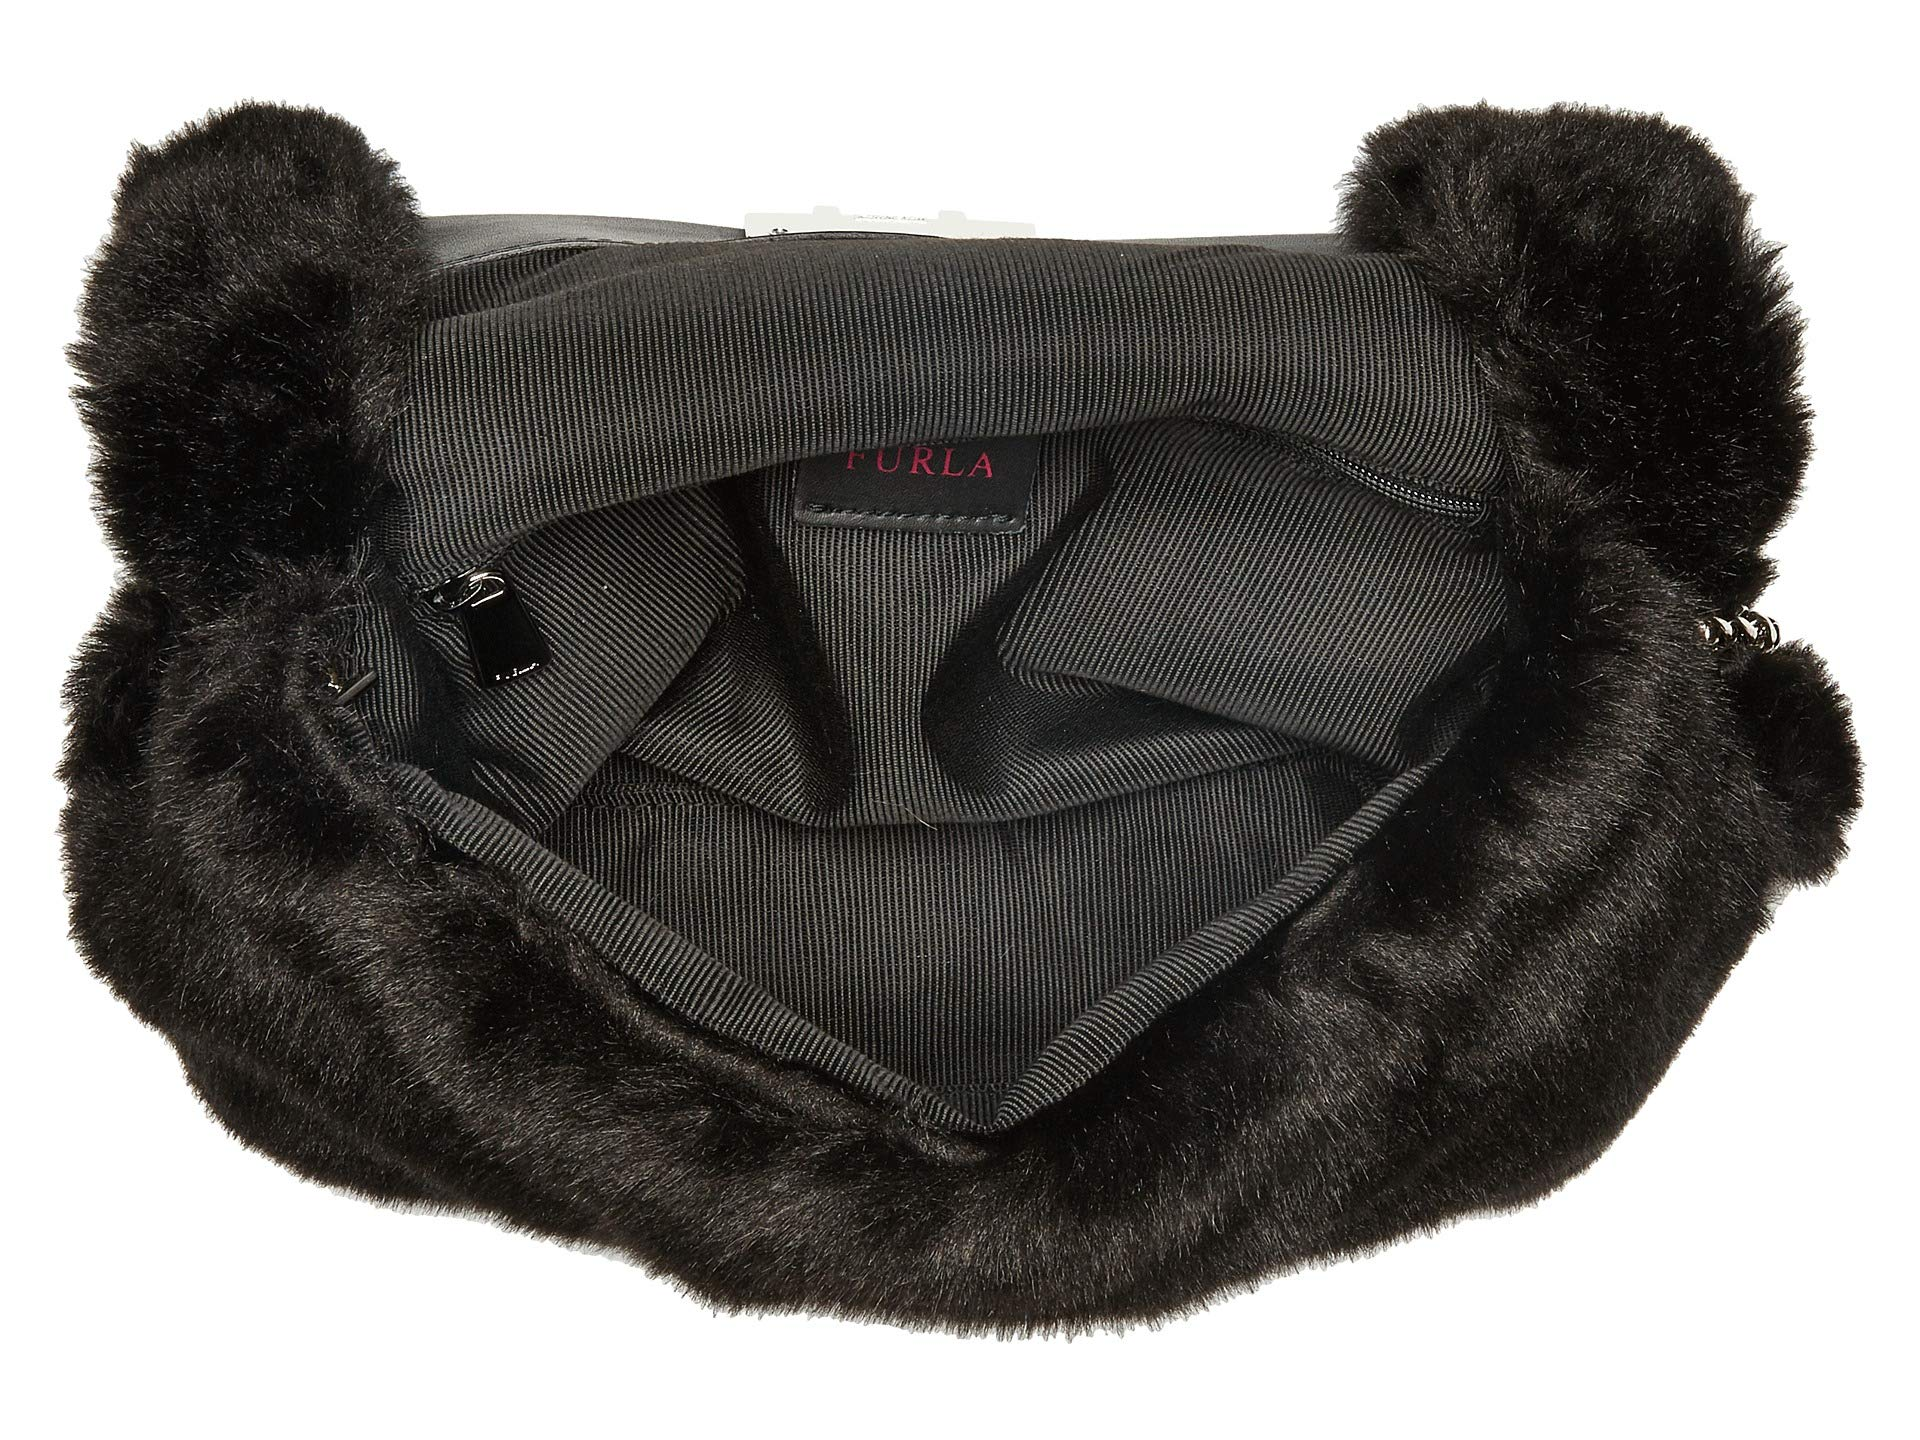 Shoulder Small Metropolis Nuvola Onyx Furla Bag xCt8qwdtnp